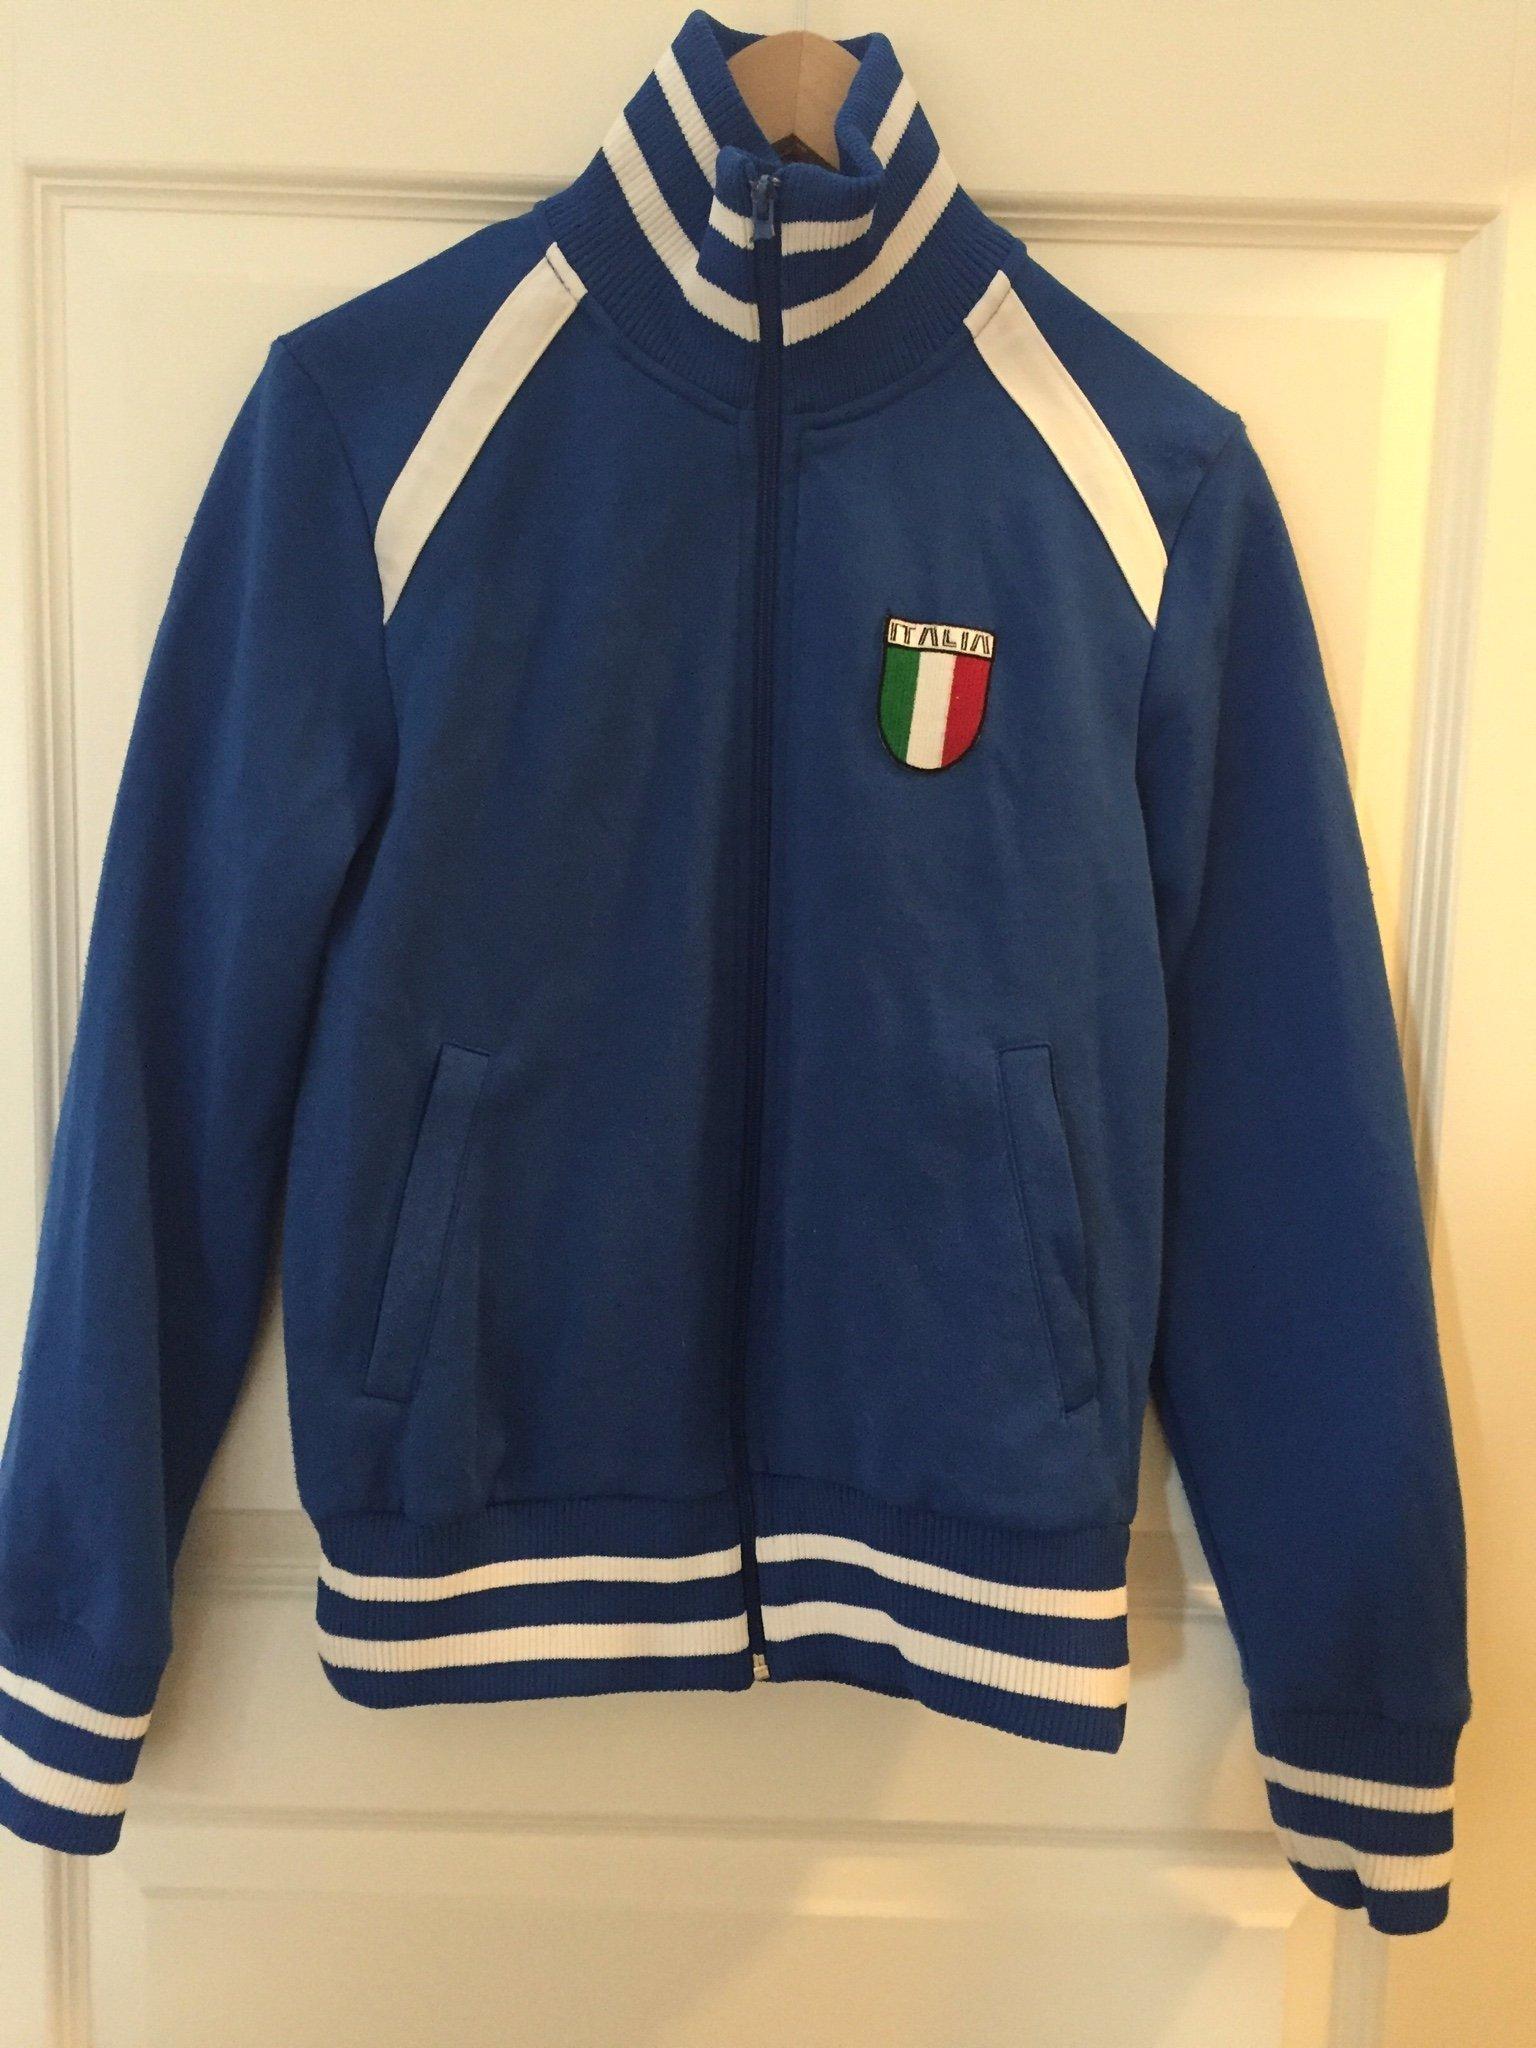 Reattore Religioso Simmetria  Jack & Jones HERR ITALIA tröja jacka blå strl S (380119606) ᐈ Köp på Tradera